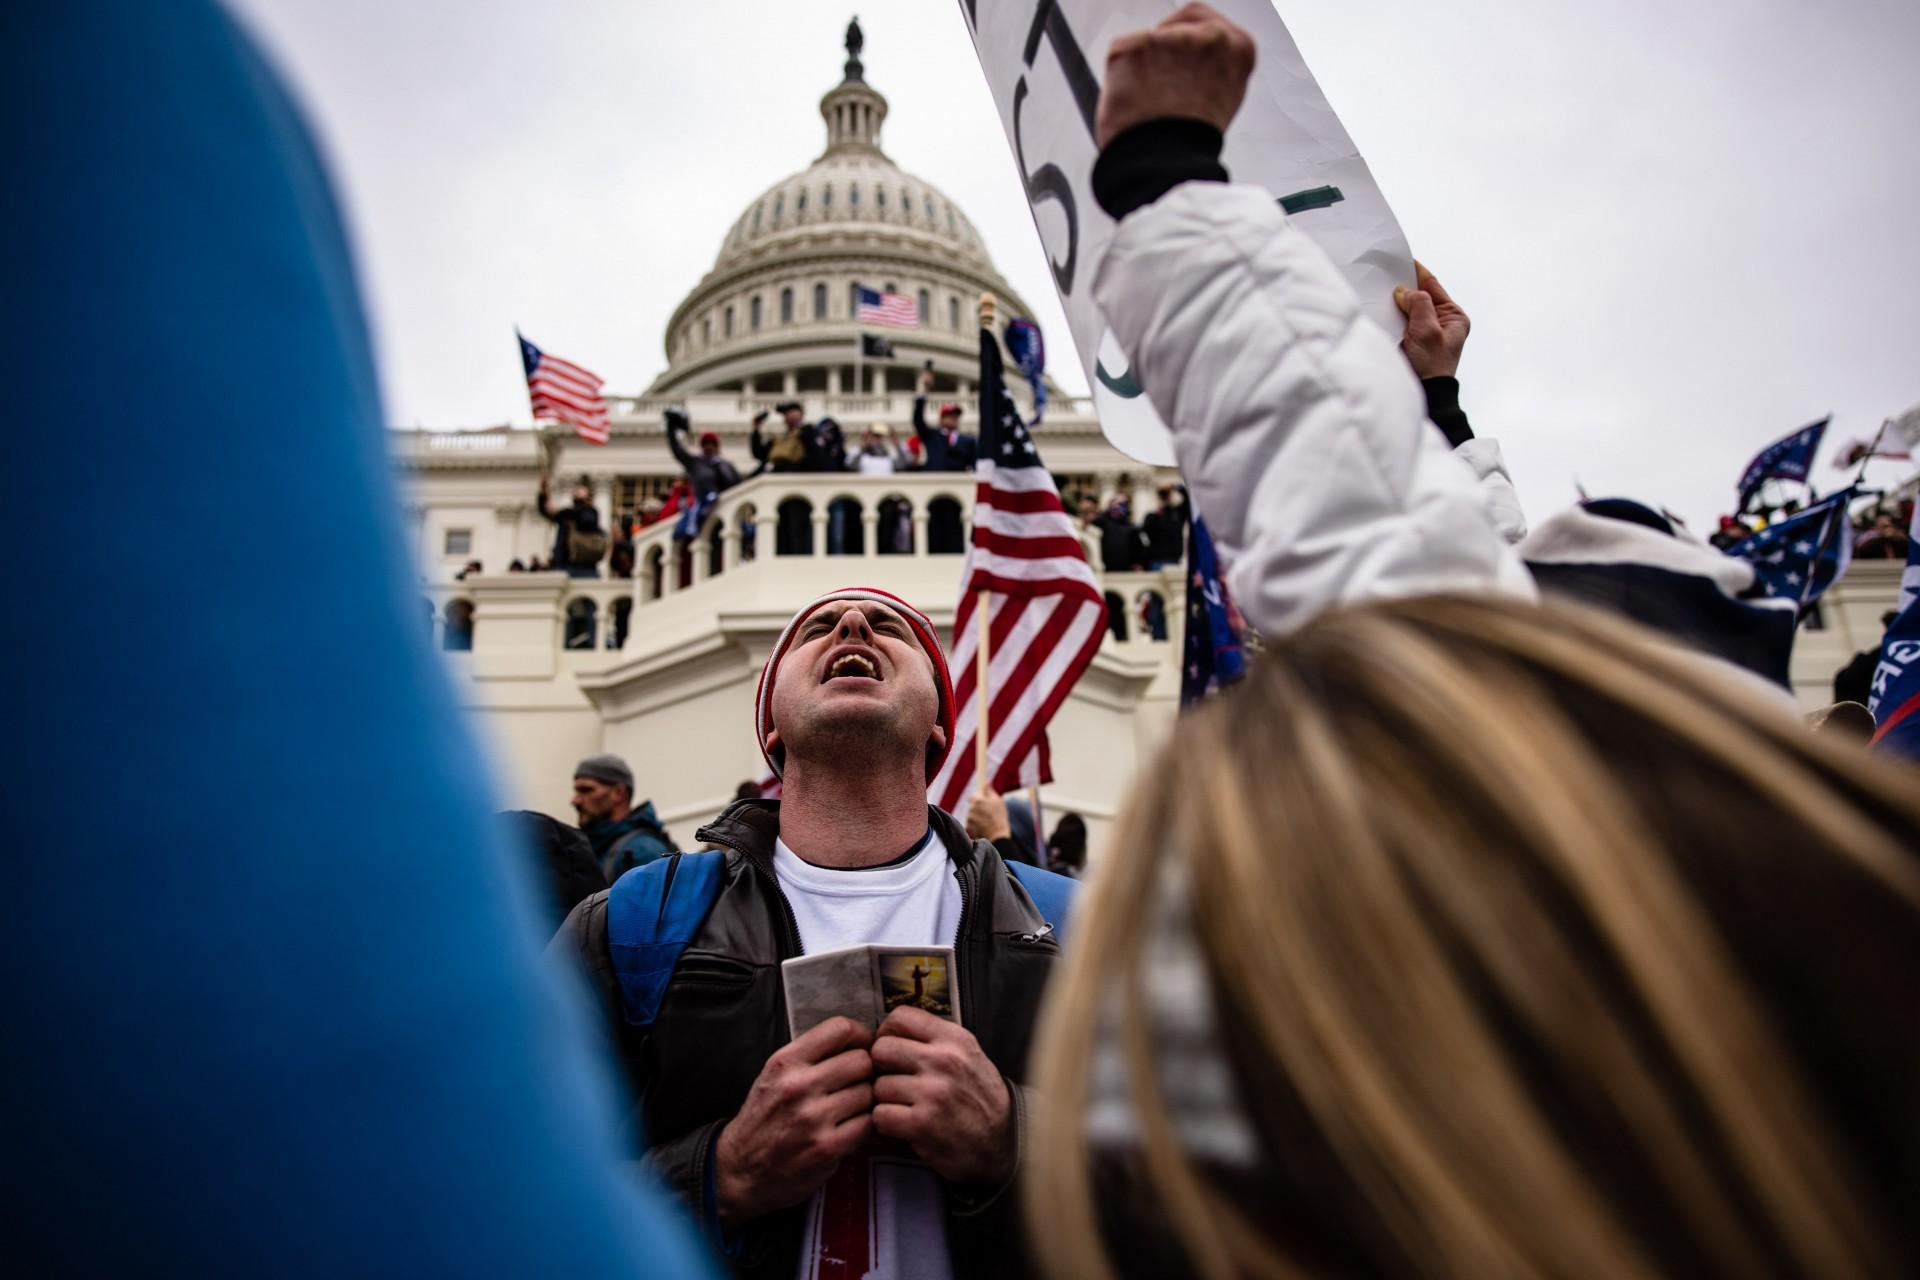 (Foto: Samuel Corum / AFP)WASHINGTON, DC - 06 de janeiro: Apoiadores do Pro-Trump invadem o Capitólio dos EUA após uma reunião com o presidente Donald Trump em 6 de janeiro de 2021 em Washington, DC. Os apoiadores de Trump se reuniram na capital do país hoje para protestar contra a ratificação da vitória do Colégio Eleitoral do presidente eleito Joe Biden sobre o presidente Trump nas eleições de 2020. Samuel Corum / Getty Images / AFP